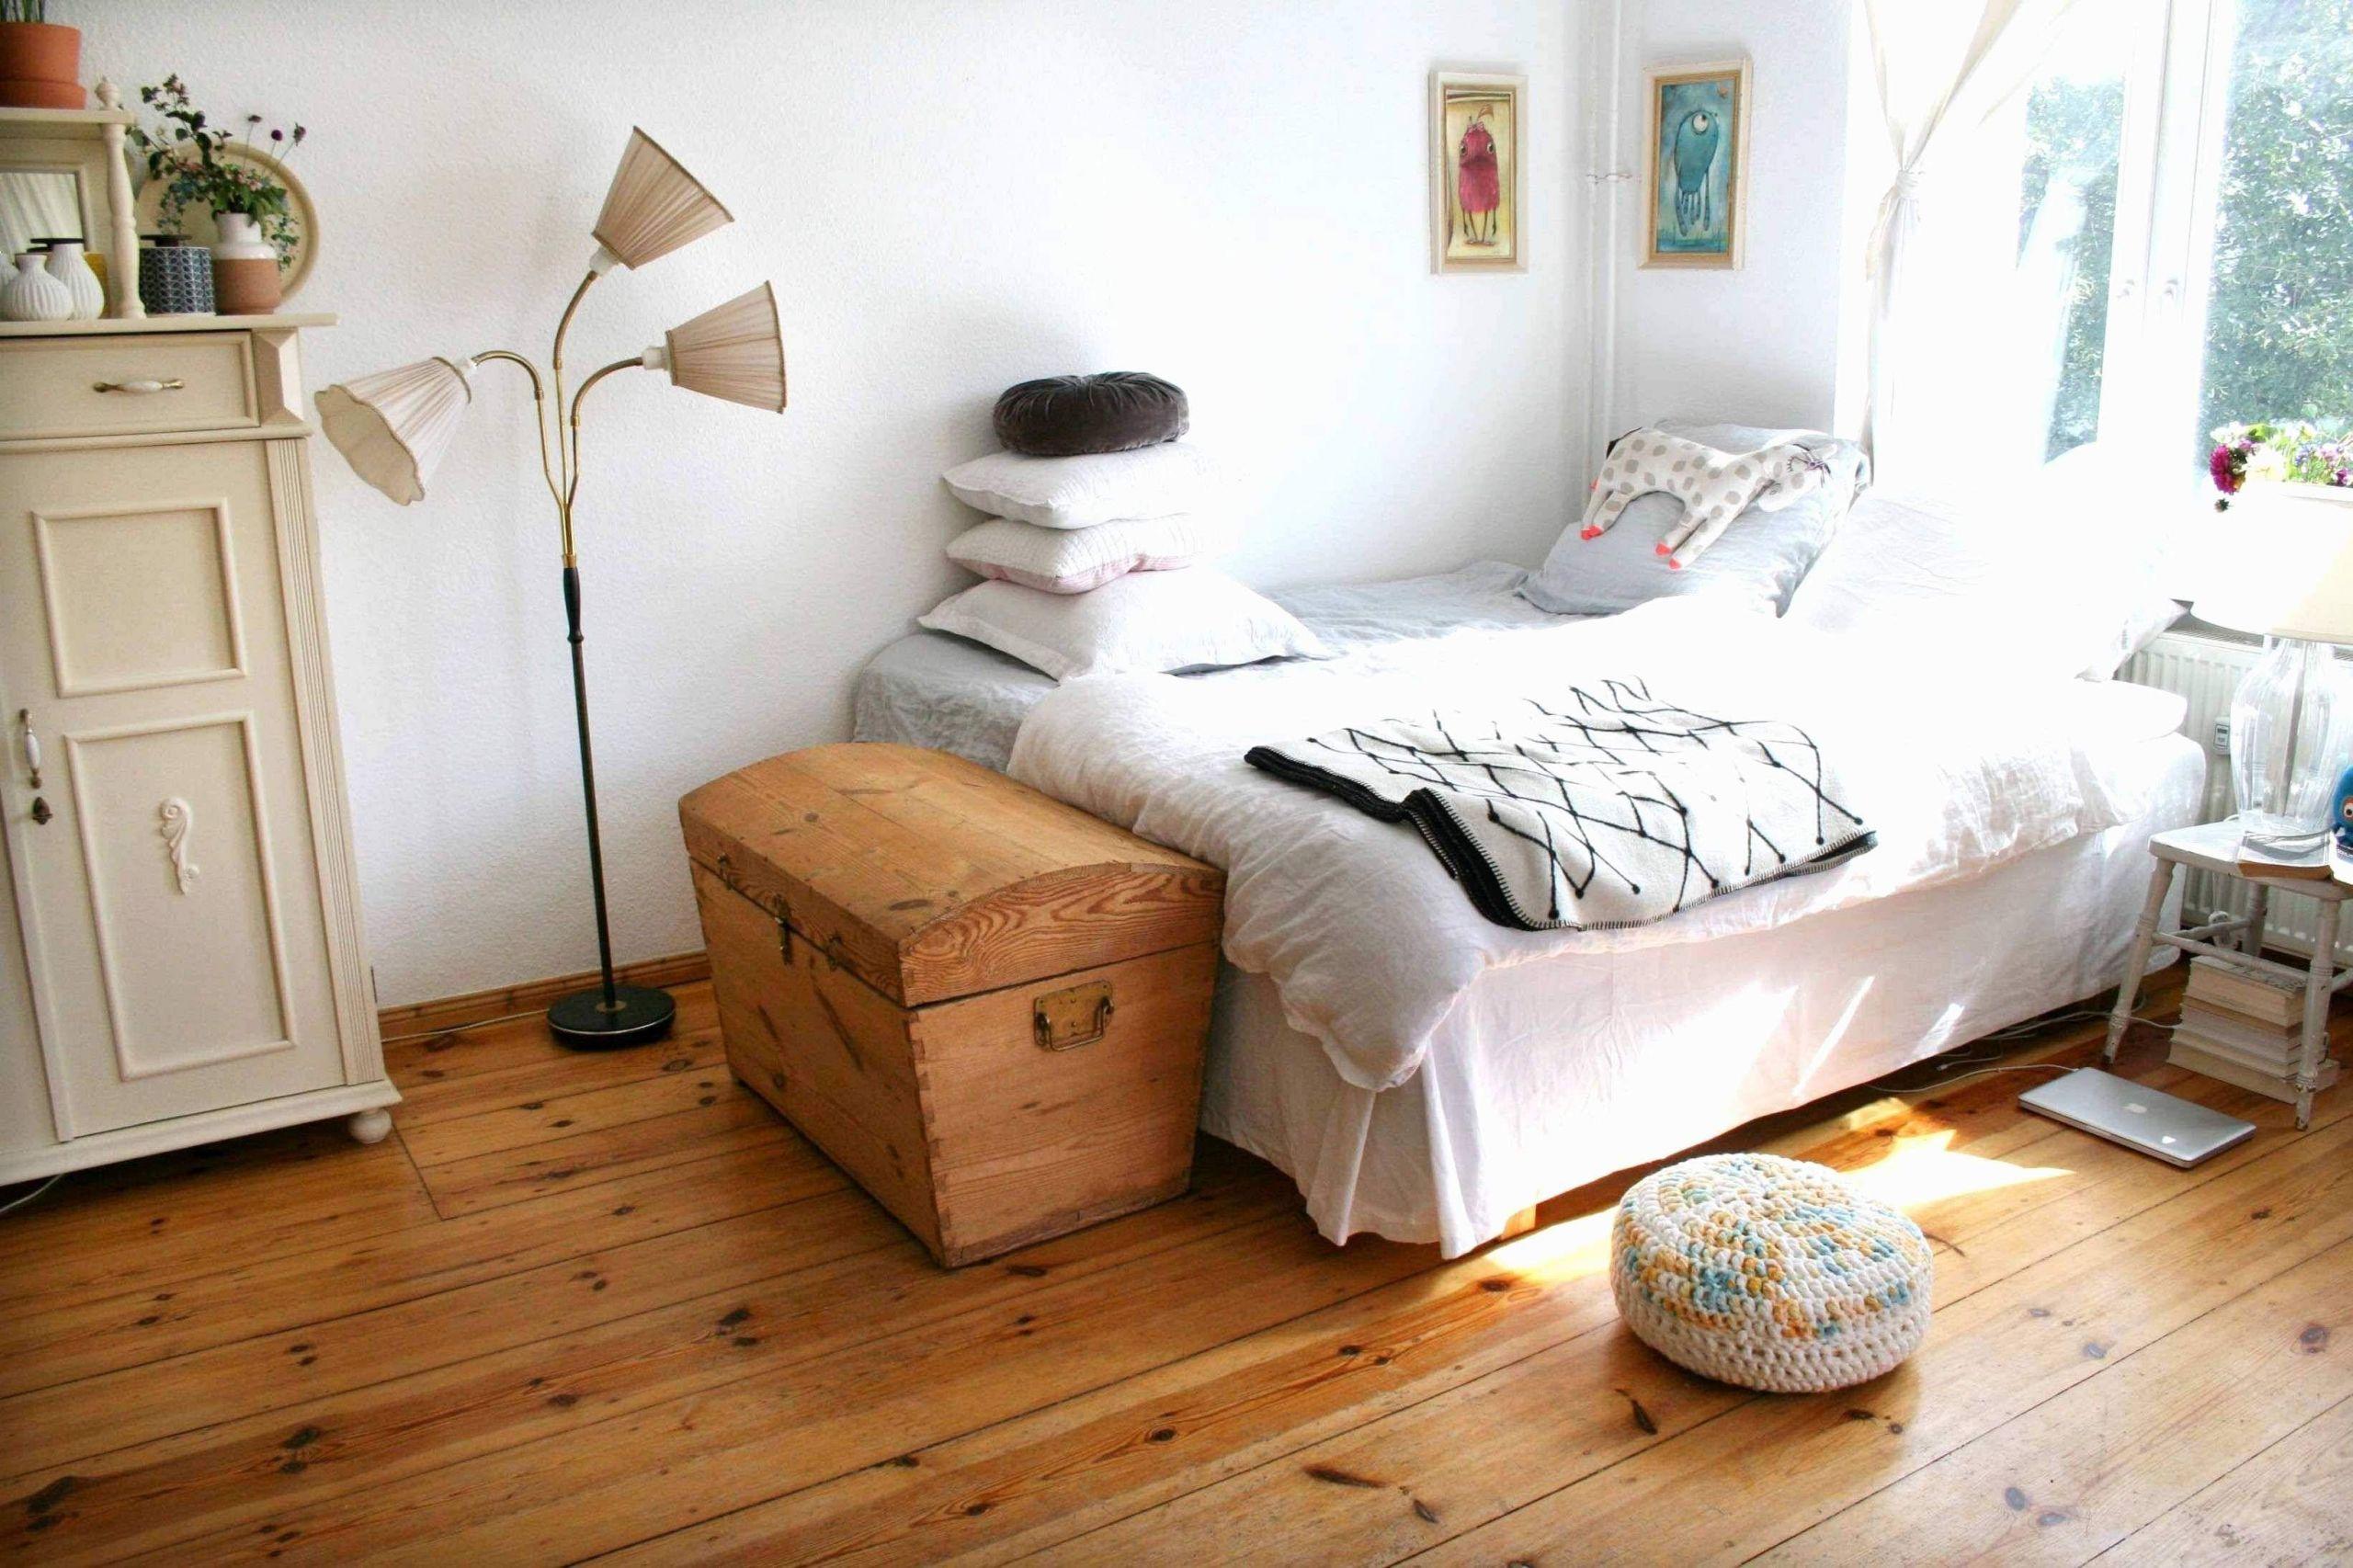 wohnzimmer deko online shop einzigartig 28 einzigartig weihnachtsdeko wohnzimmer of wohnzimmer deko online shop